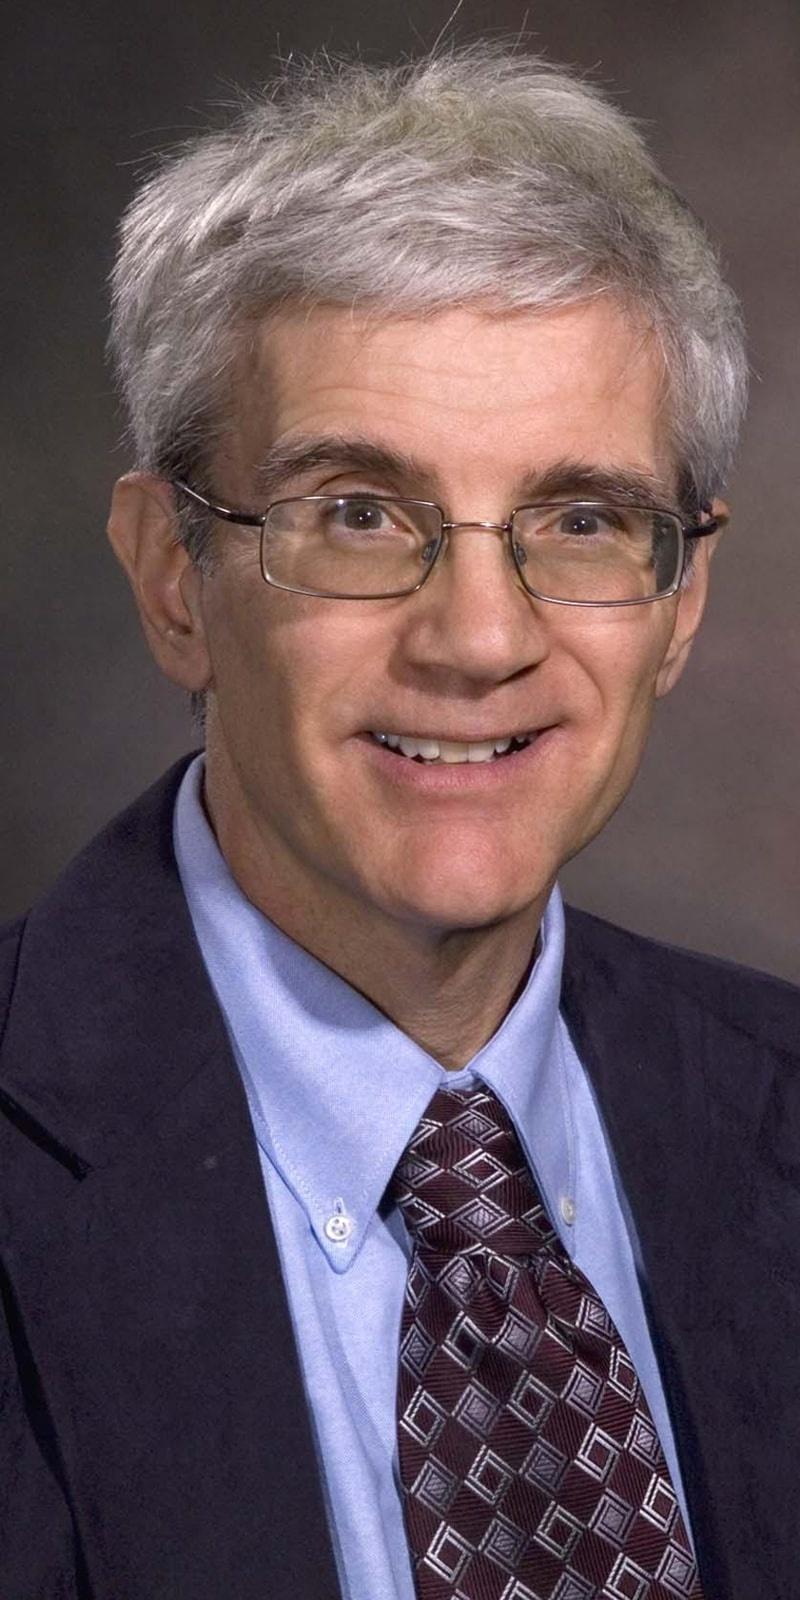 Patrick Colletti M.D. F.A.C.R.